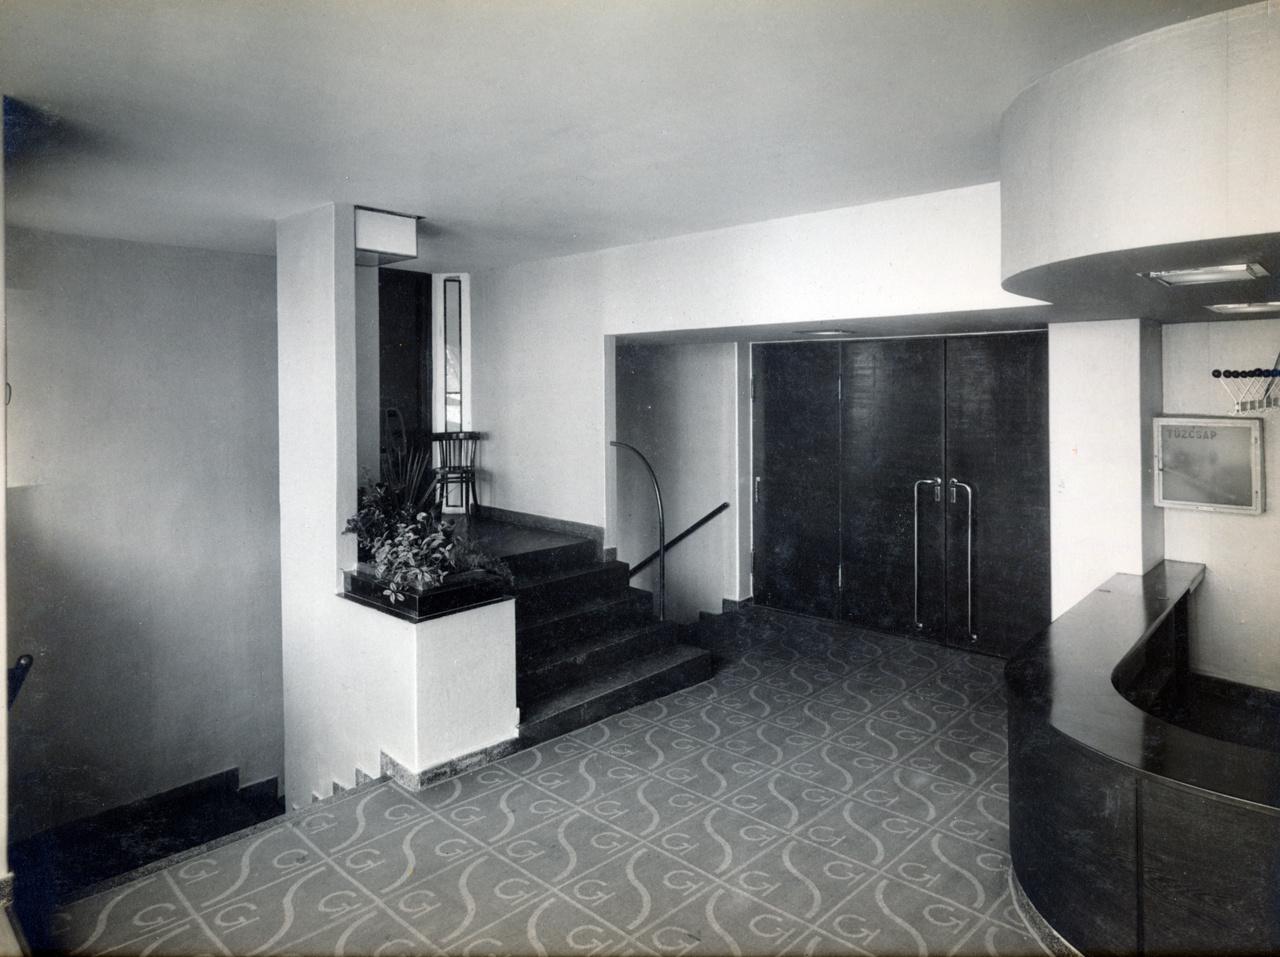 A belső tér azonban nem csak látványos, de praktikus is volt: ez volt az első filmszínház, ahol máshol mentek be és jöttek ki a nézők.